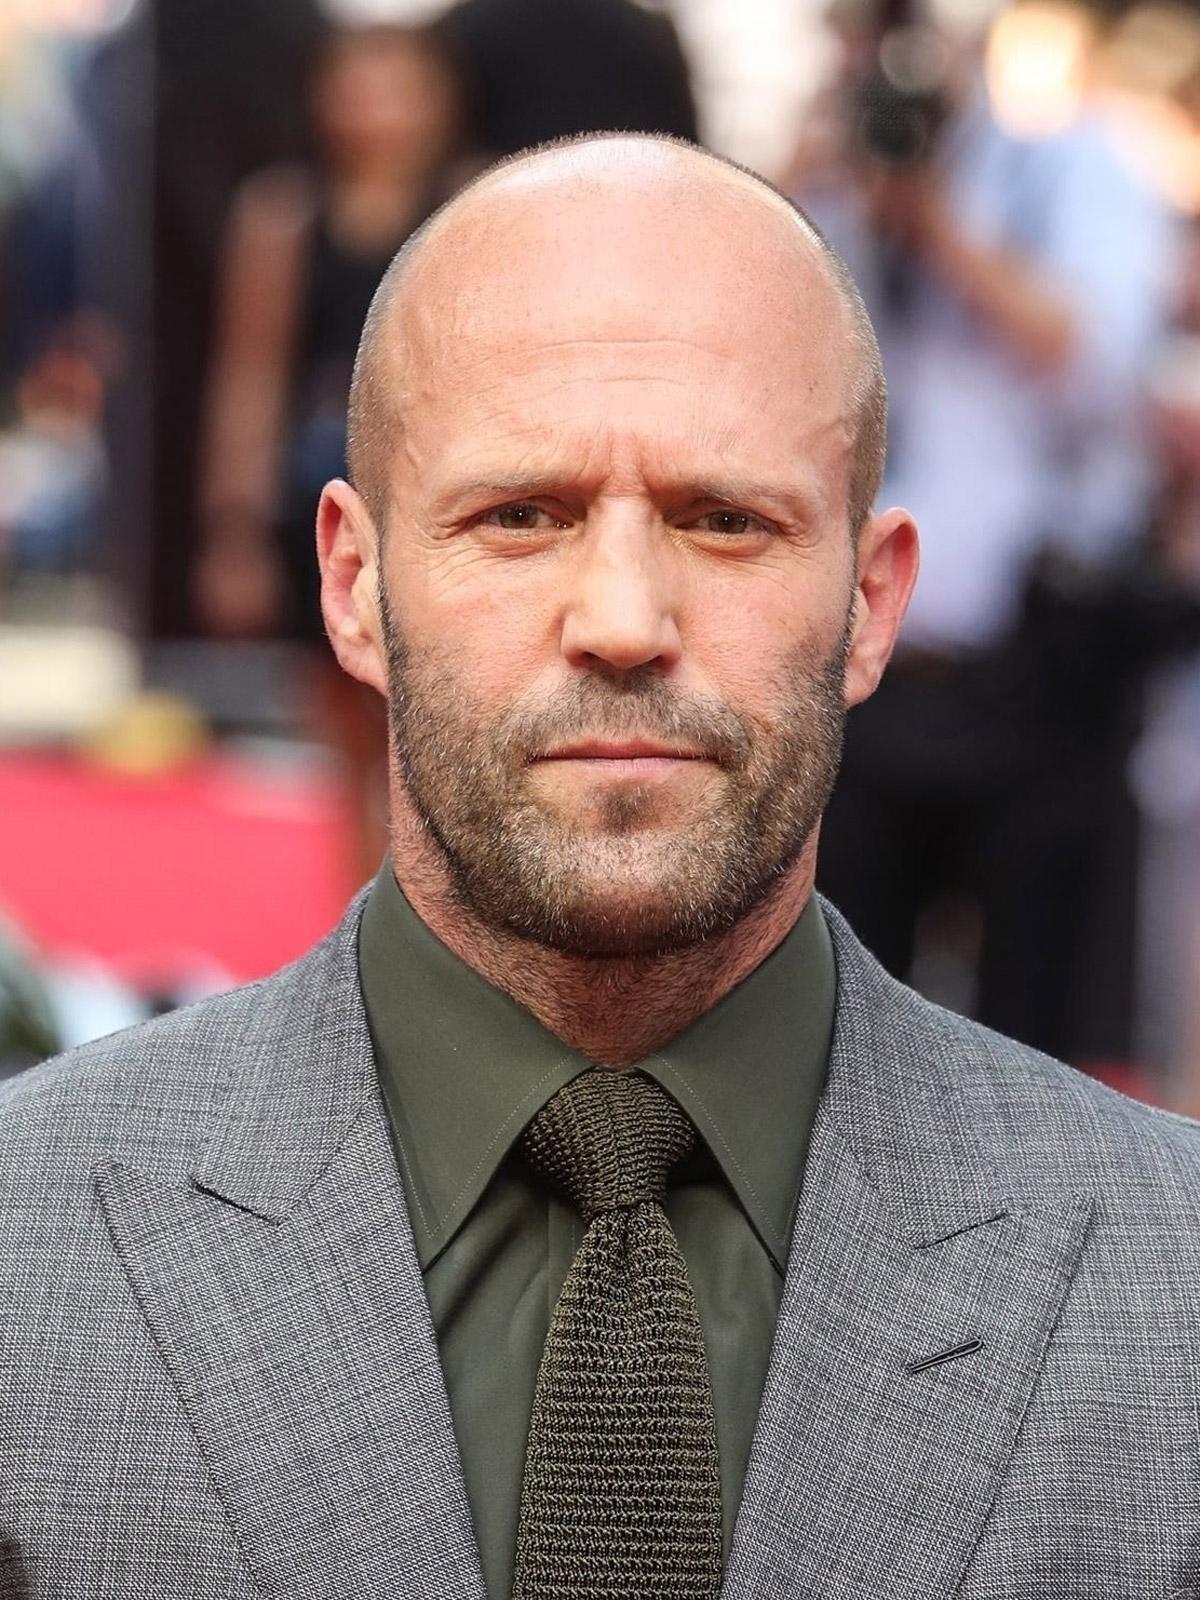 Jason Statham : Mejores películas - SensaCine.com